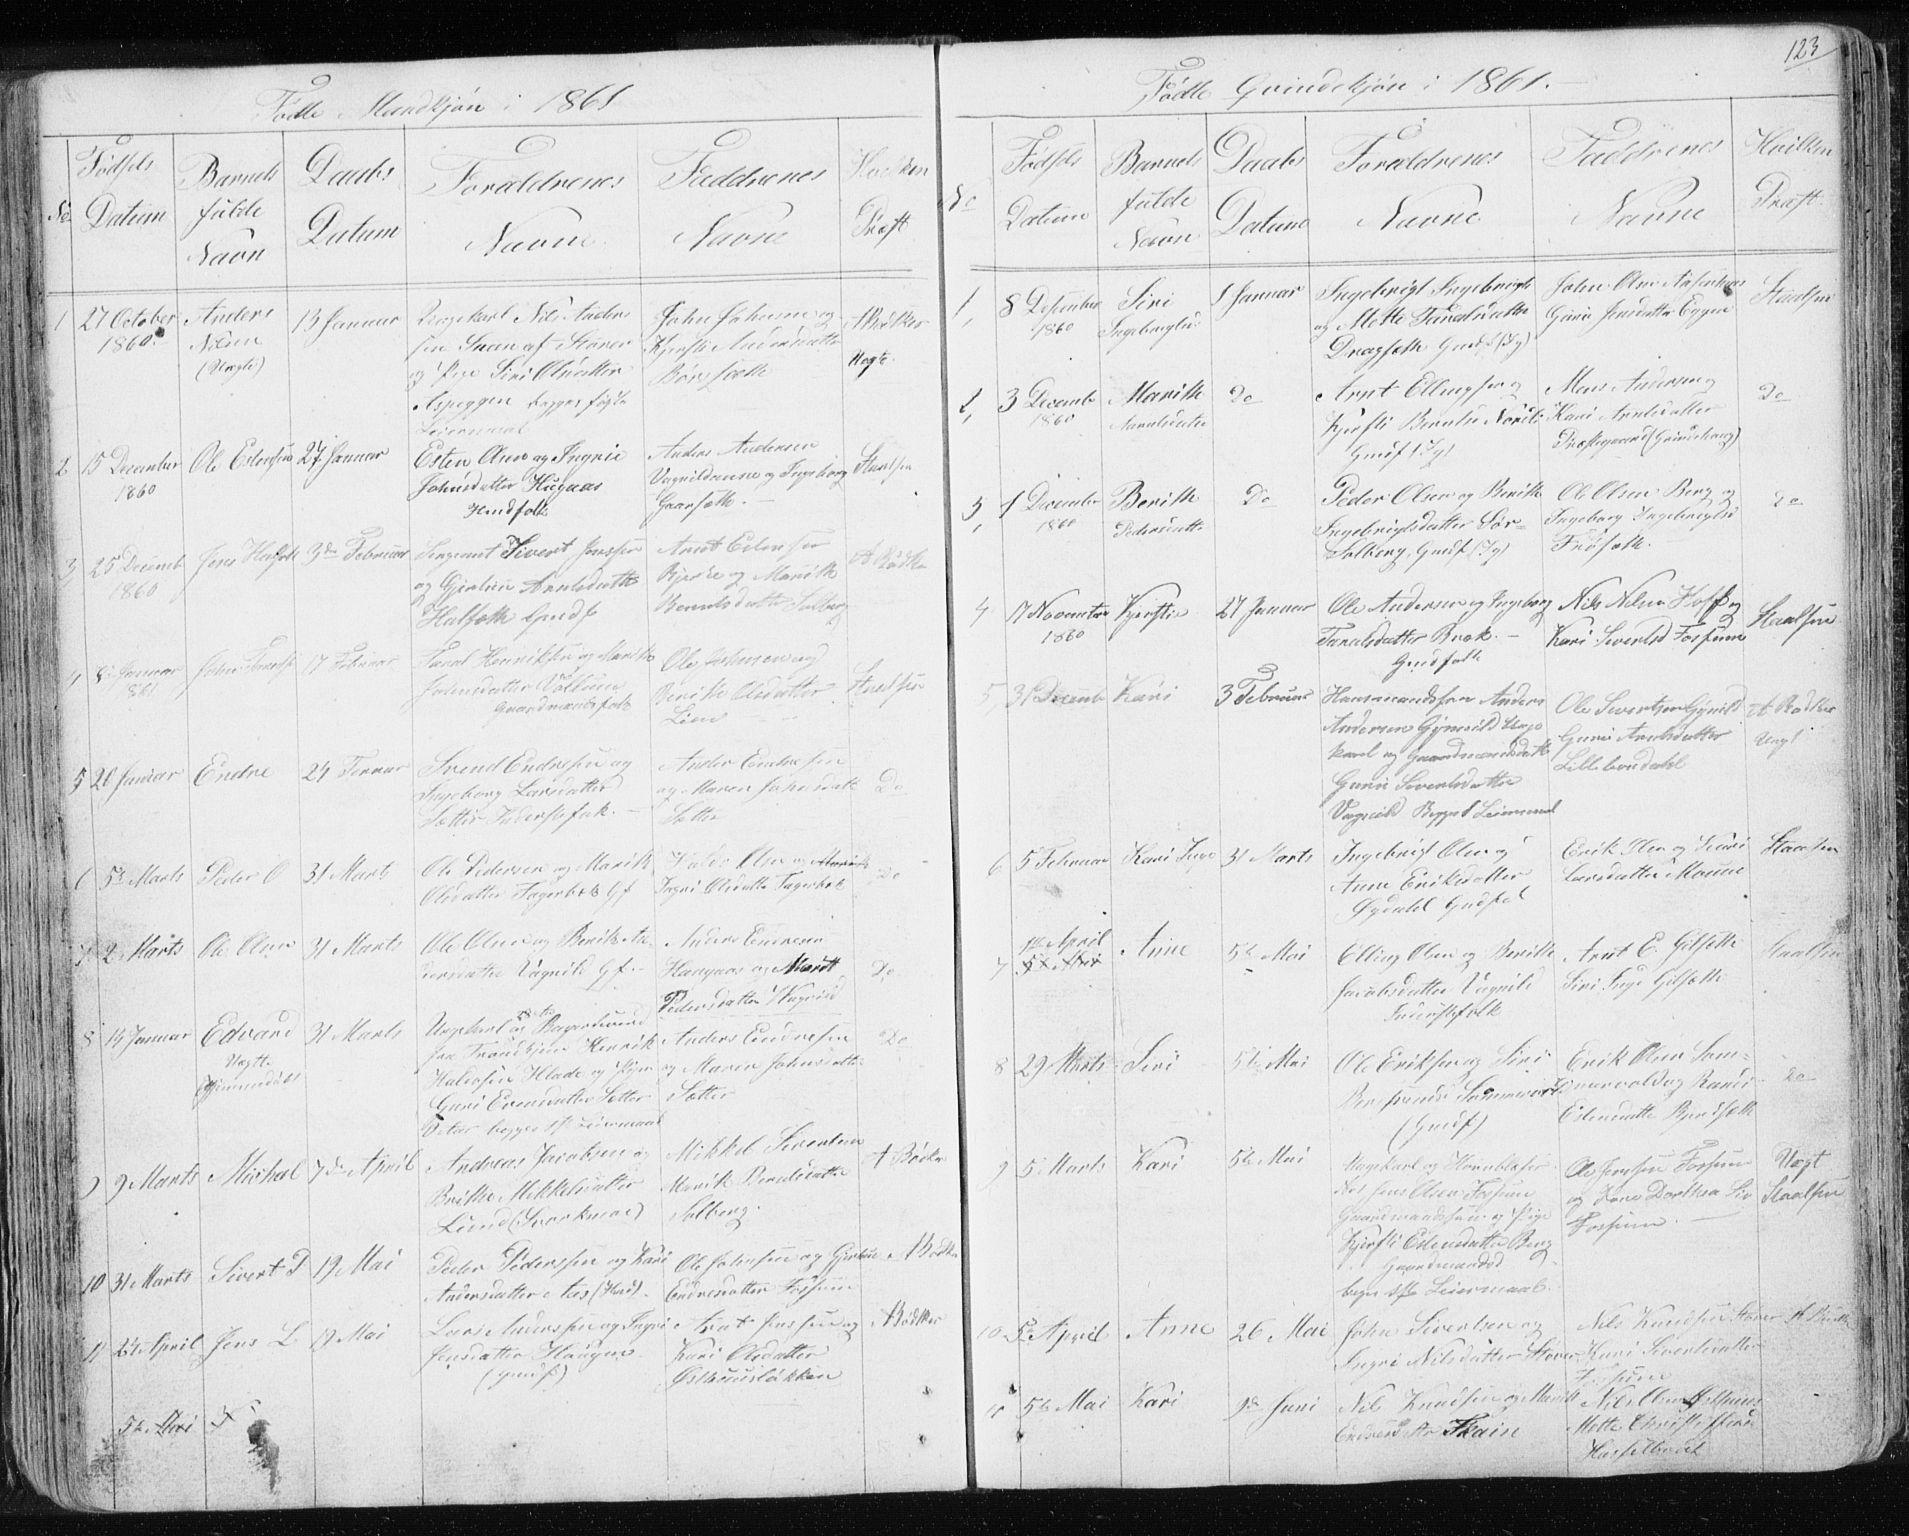 SAT, Ministerialprotokoller, klokkerbøker og fødselsregistre - Sør-Trøndelag, 689/L1043: Klokkerbok nr. 689C02, 1816-1892, s. 123